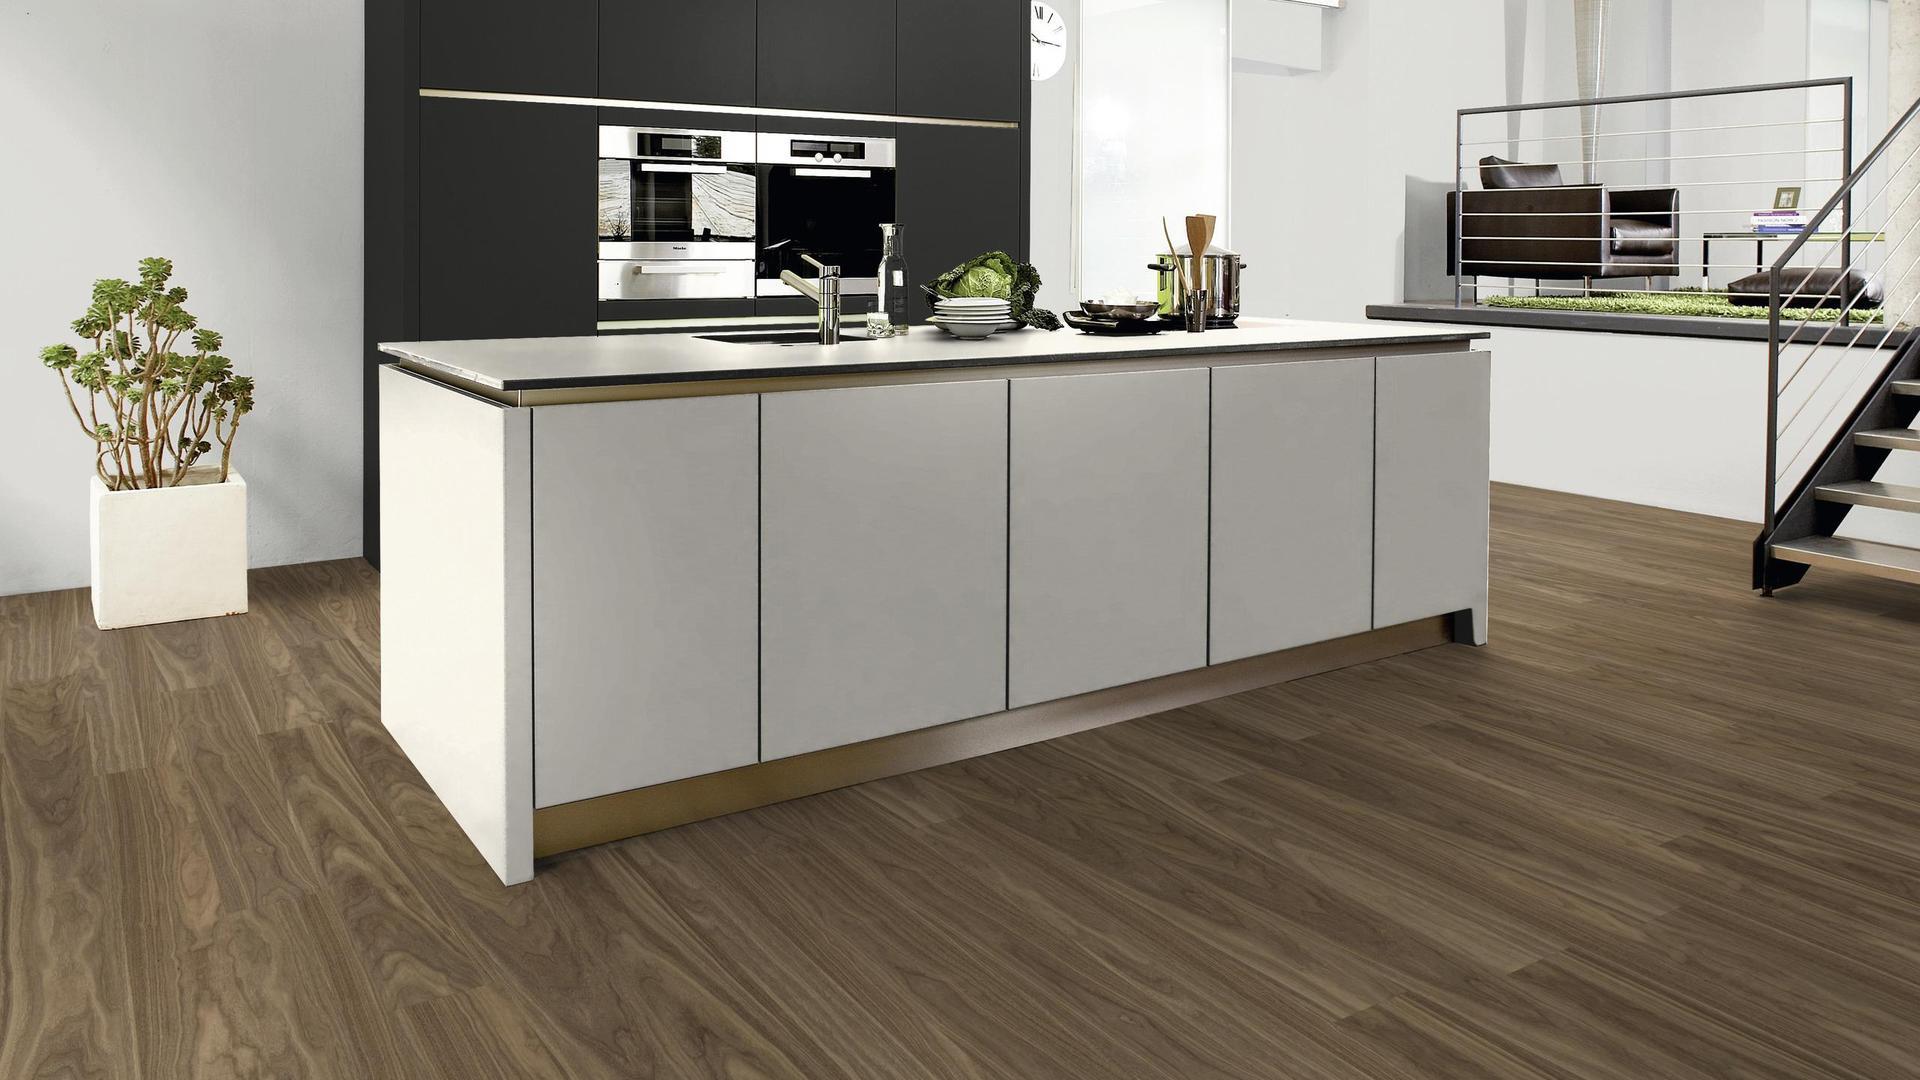 2507 Um Magnolia Board Kaindl, Magnolia Laminate Flooring